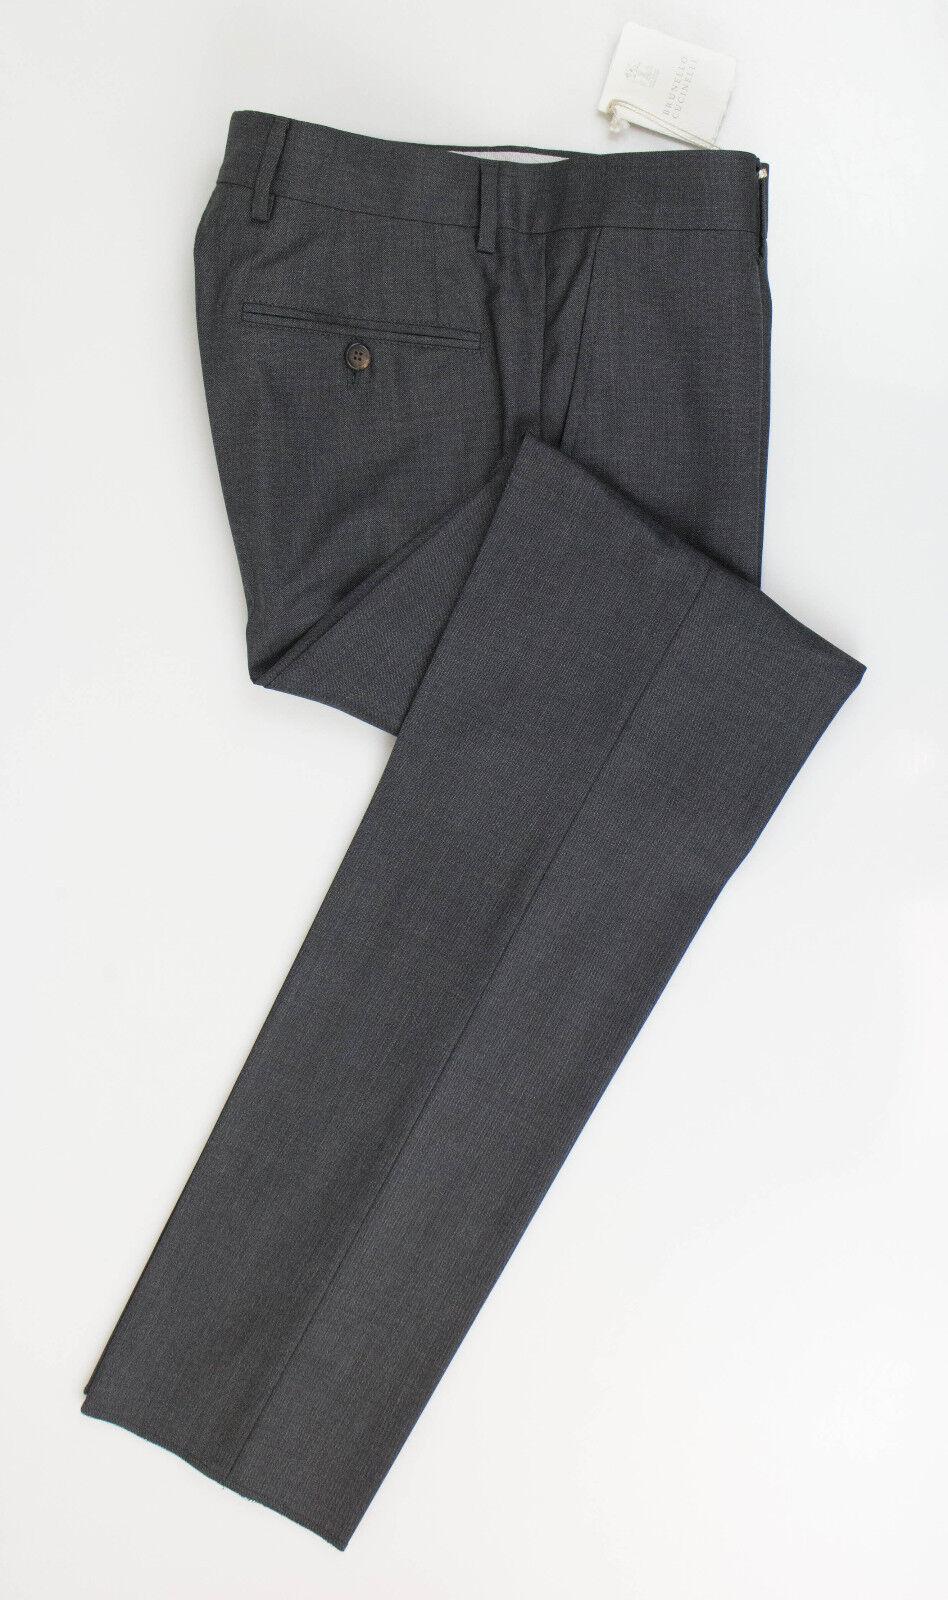 Nuovo. Brunello Cucinelli Grigio Lana Pantaloni Eleganti Taglia 58 42